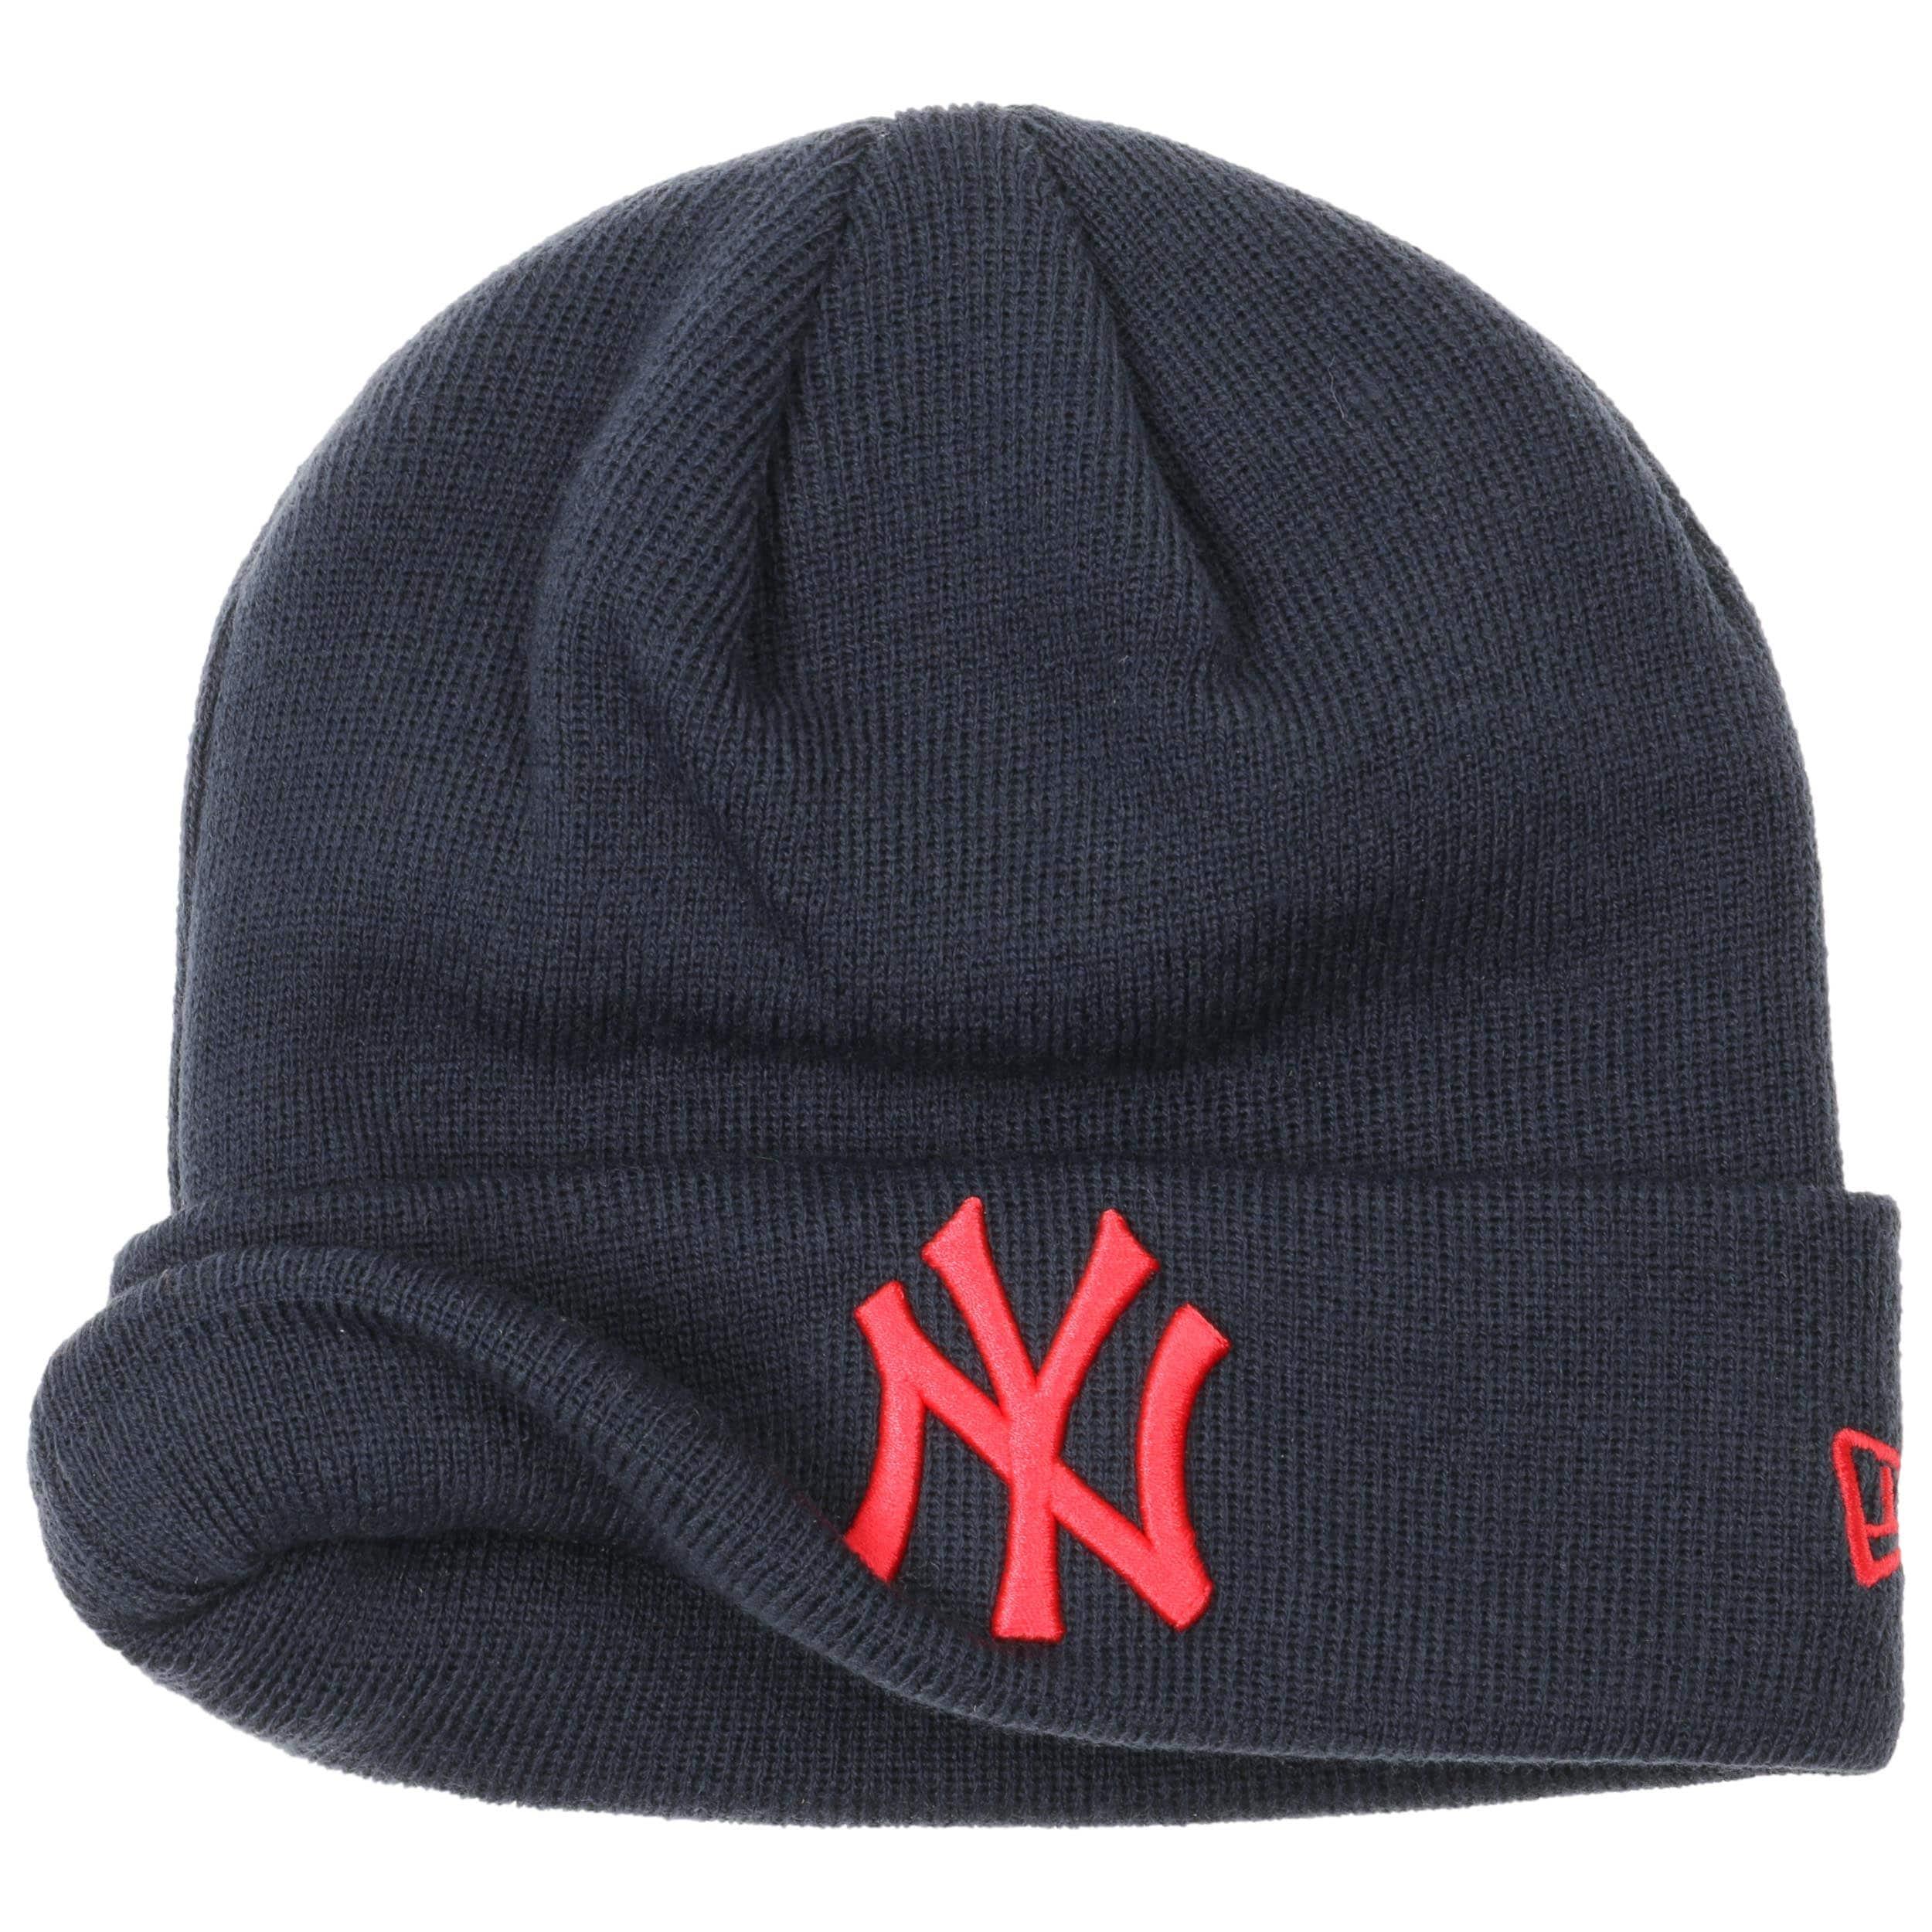 a11c44332a0b4 Gorro Beanie League Ess Cuff Yankees by New Era - azul oscuro 1 ...